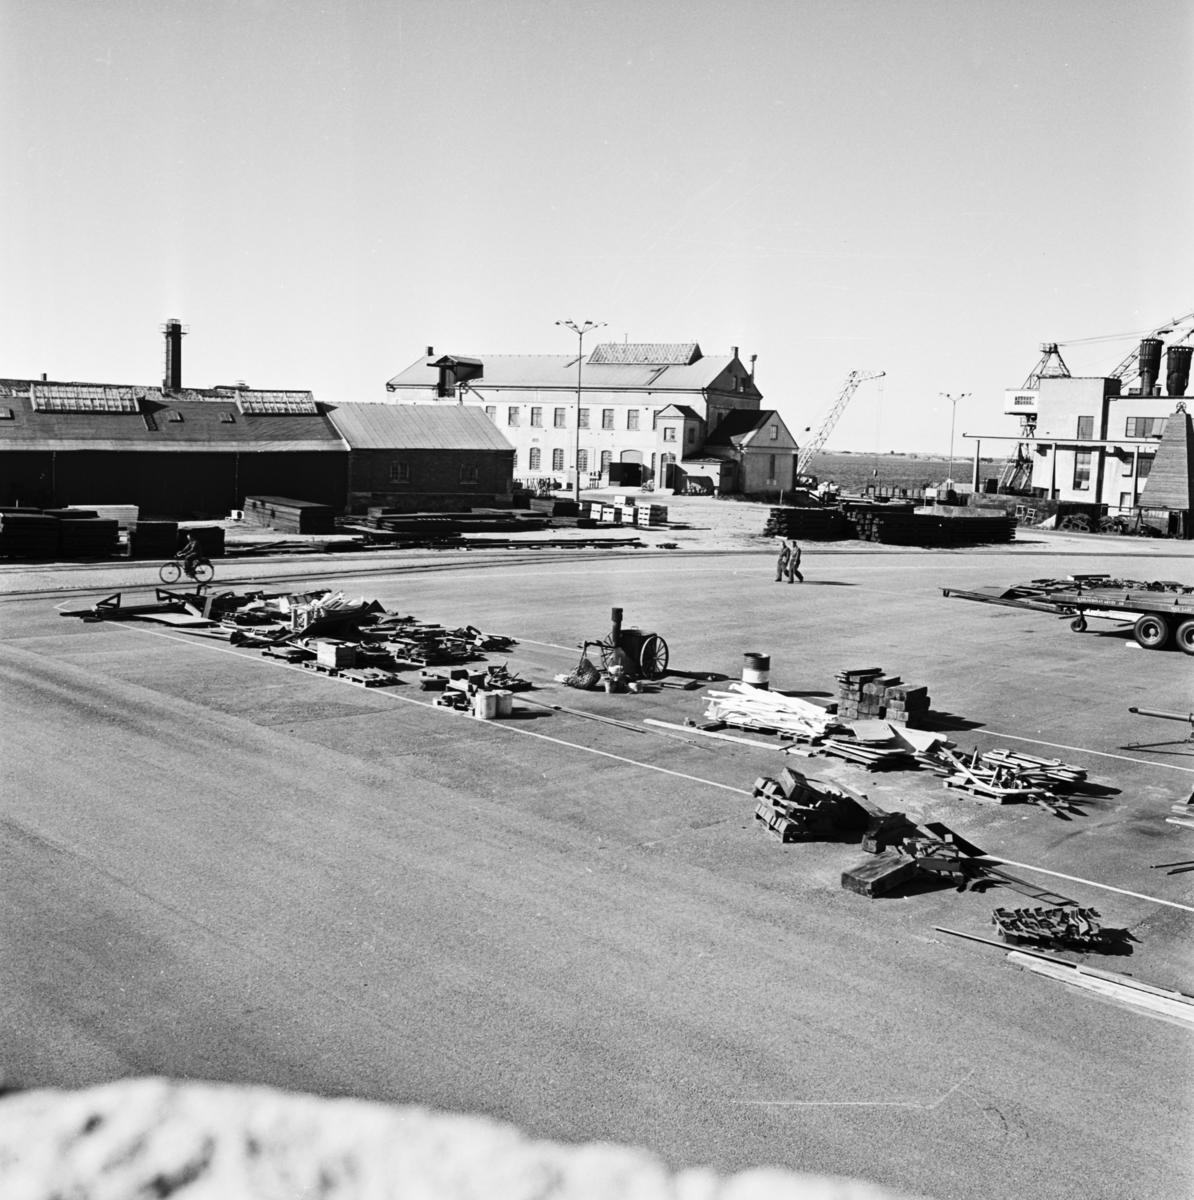 Övrigt: Foto datum: 9/9 1966 Byggnader och kranar Oreda i förrådsfacken i olika verkstäder